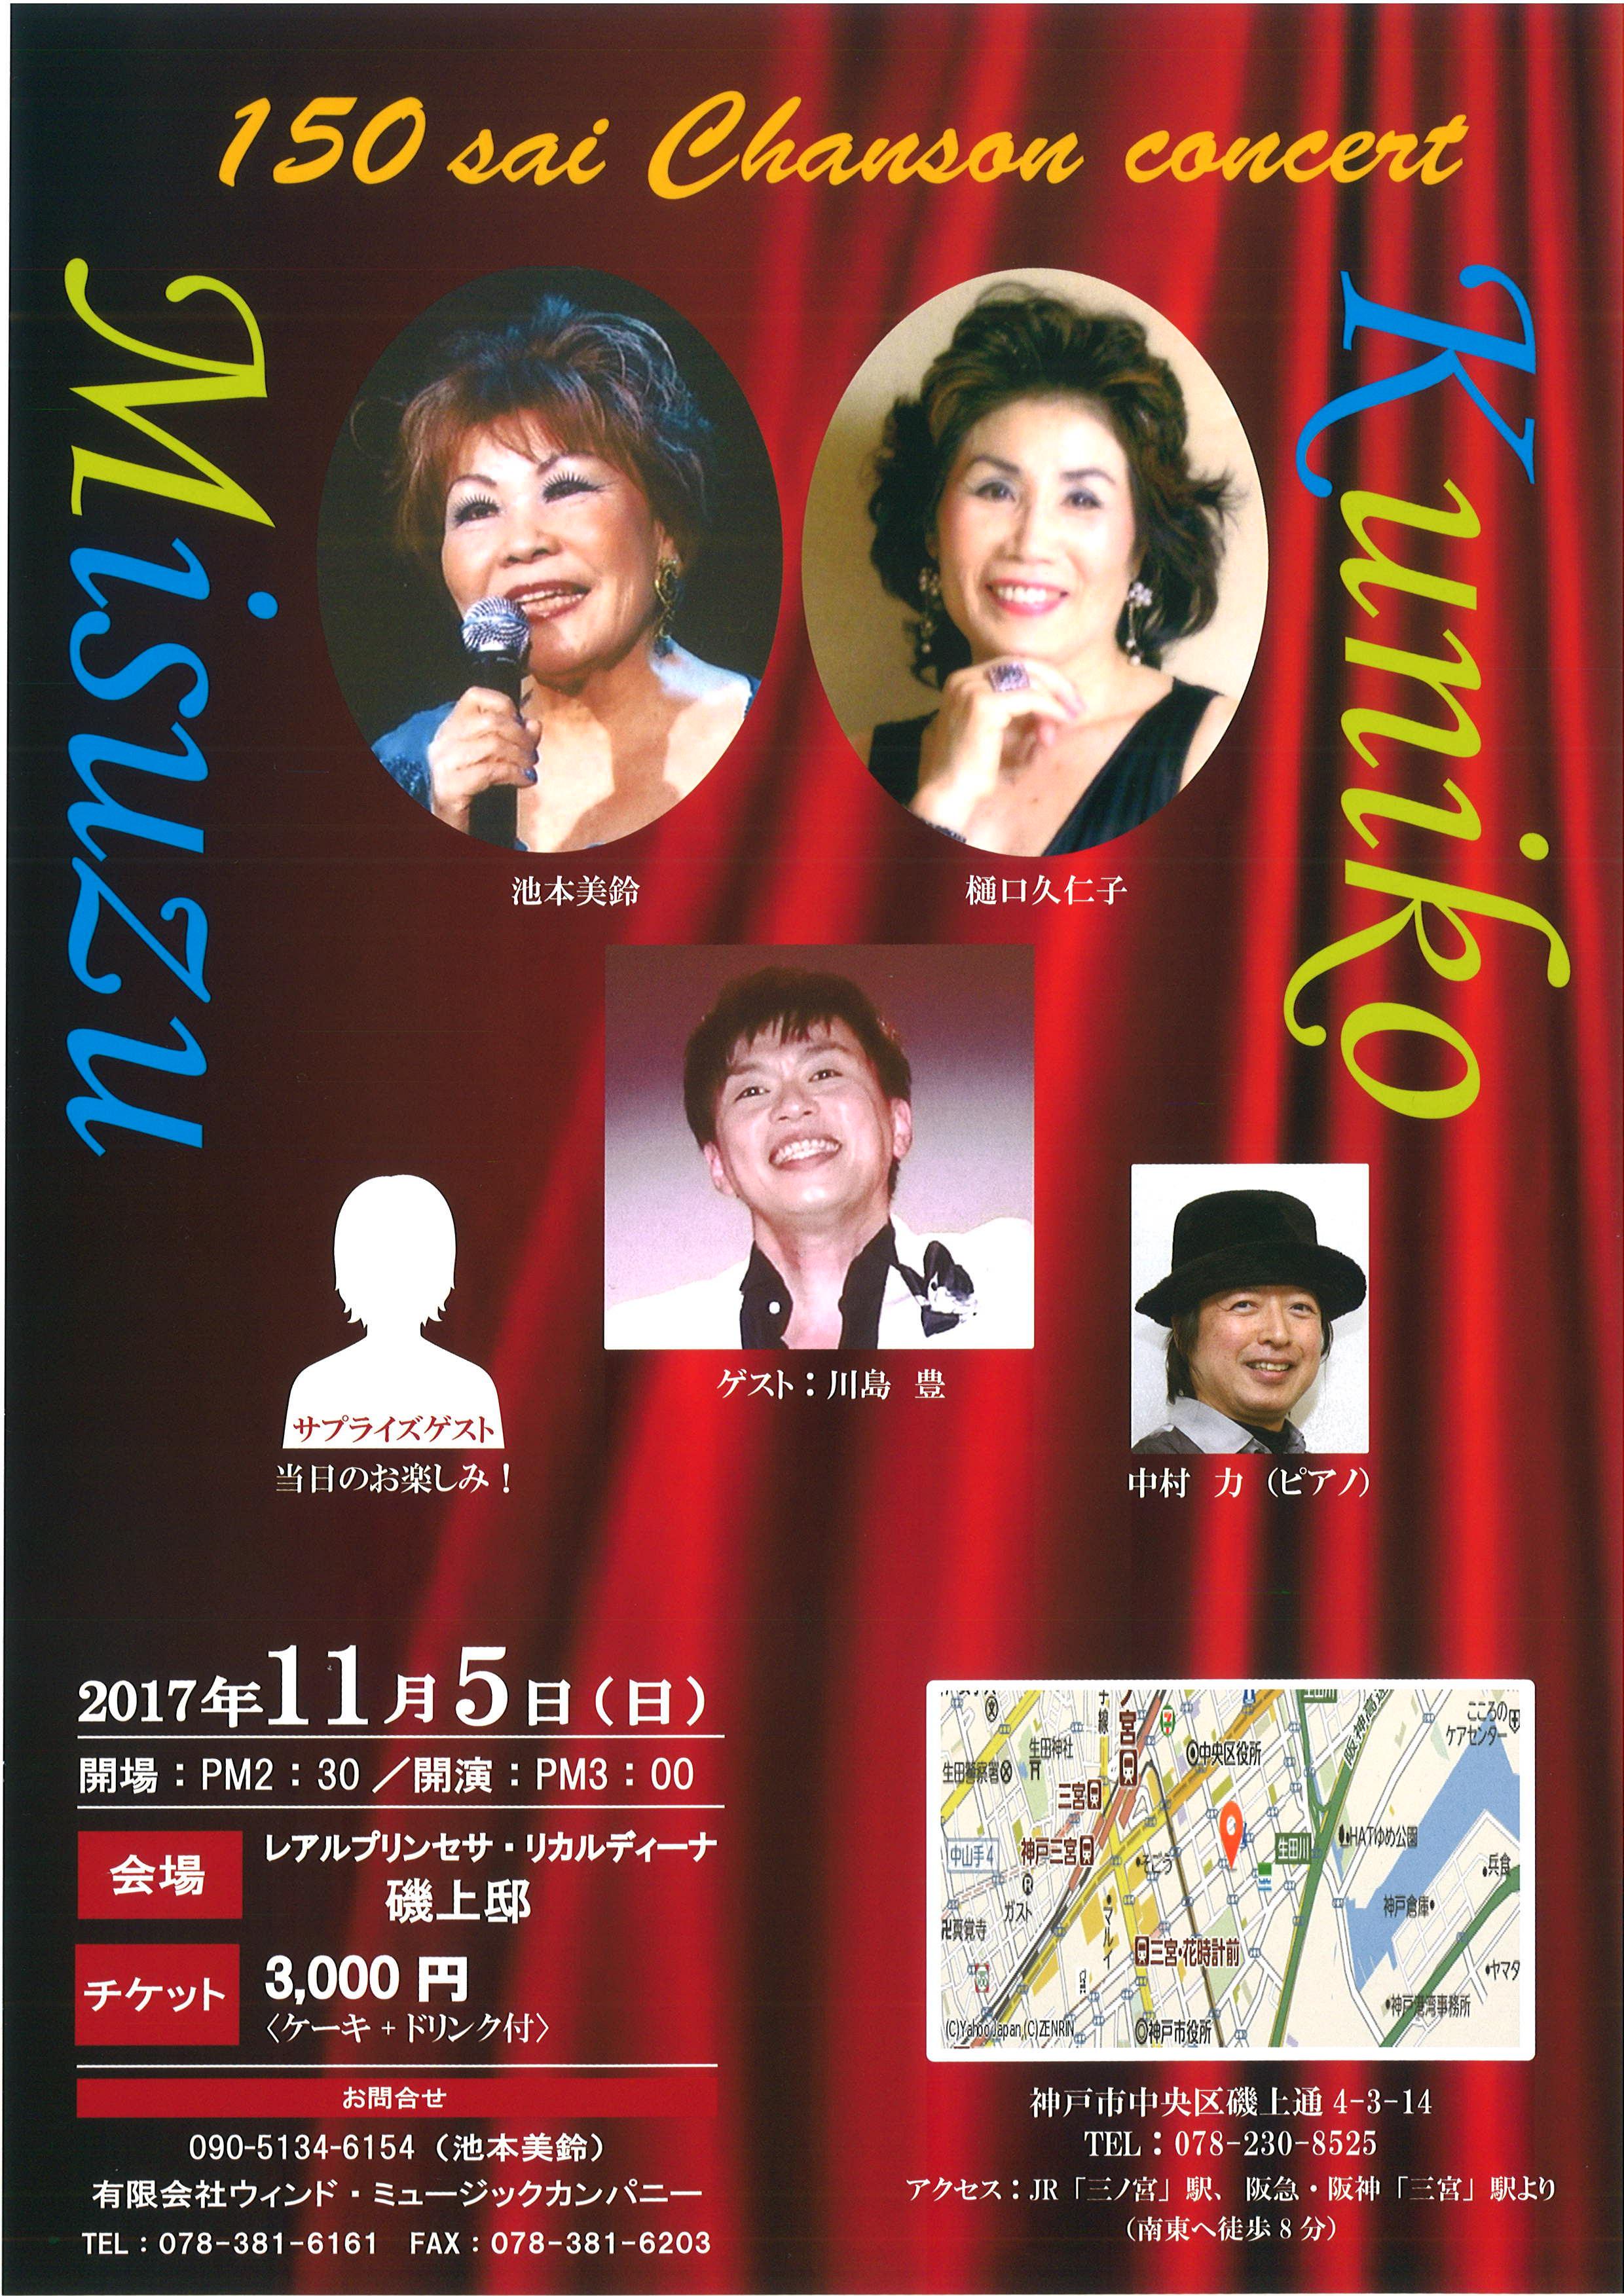 20171105_150sai_Chanson_Concert.jpg